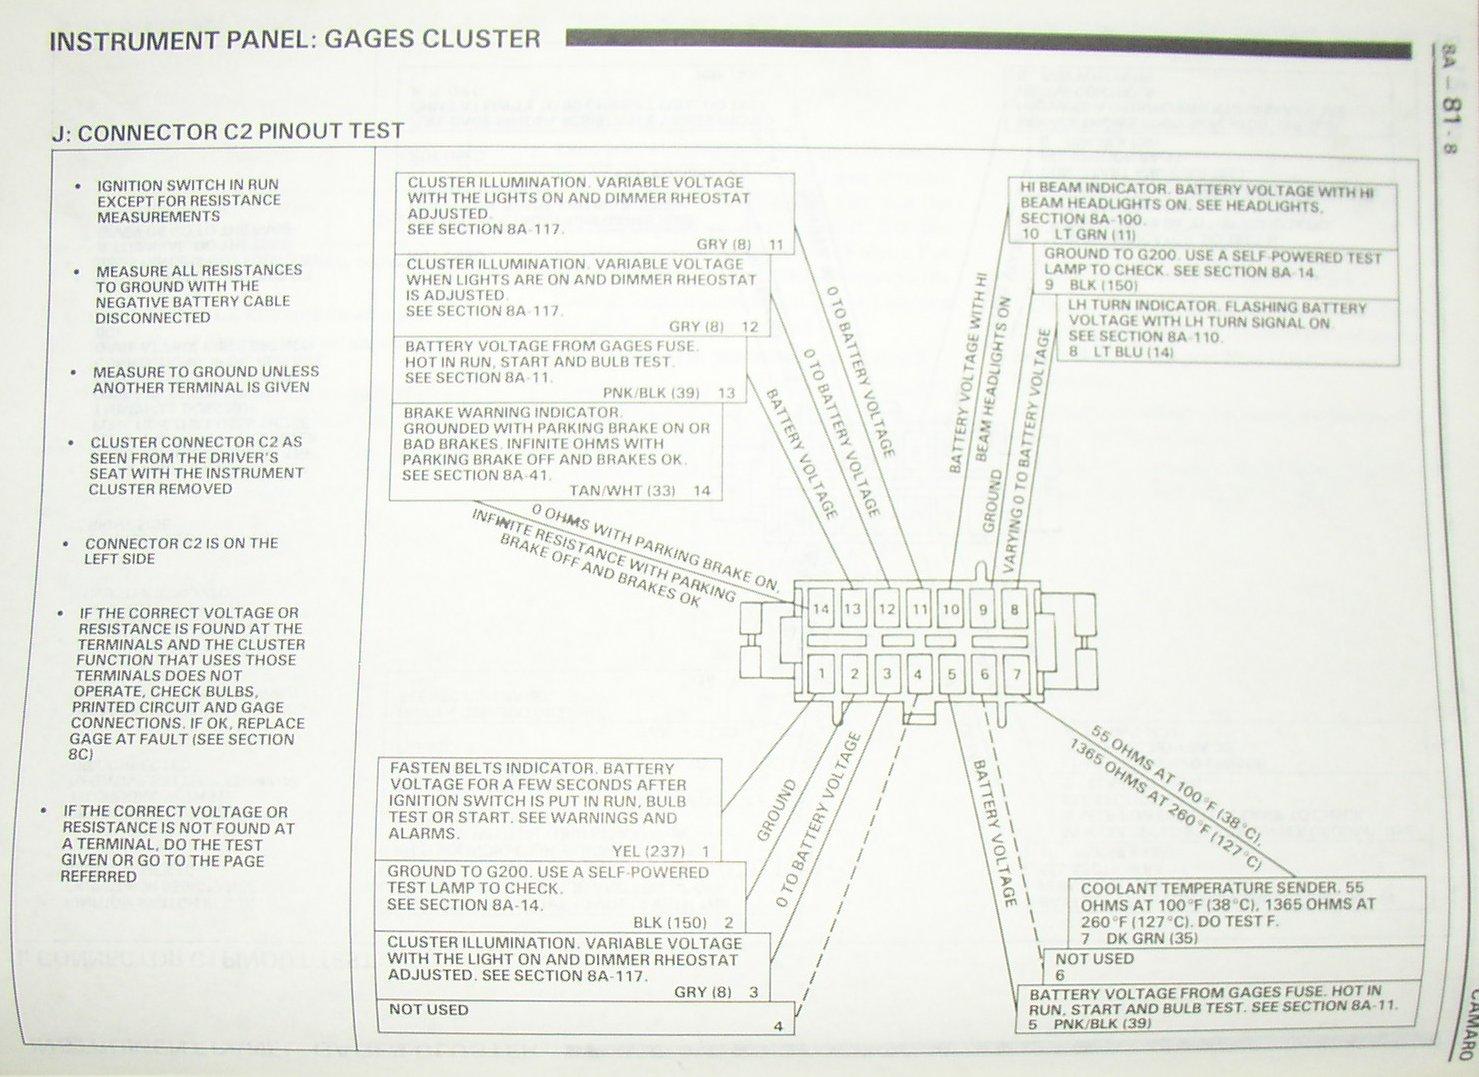 Camaro Gauge Cluster Diagram Needed